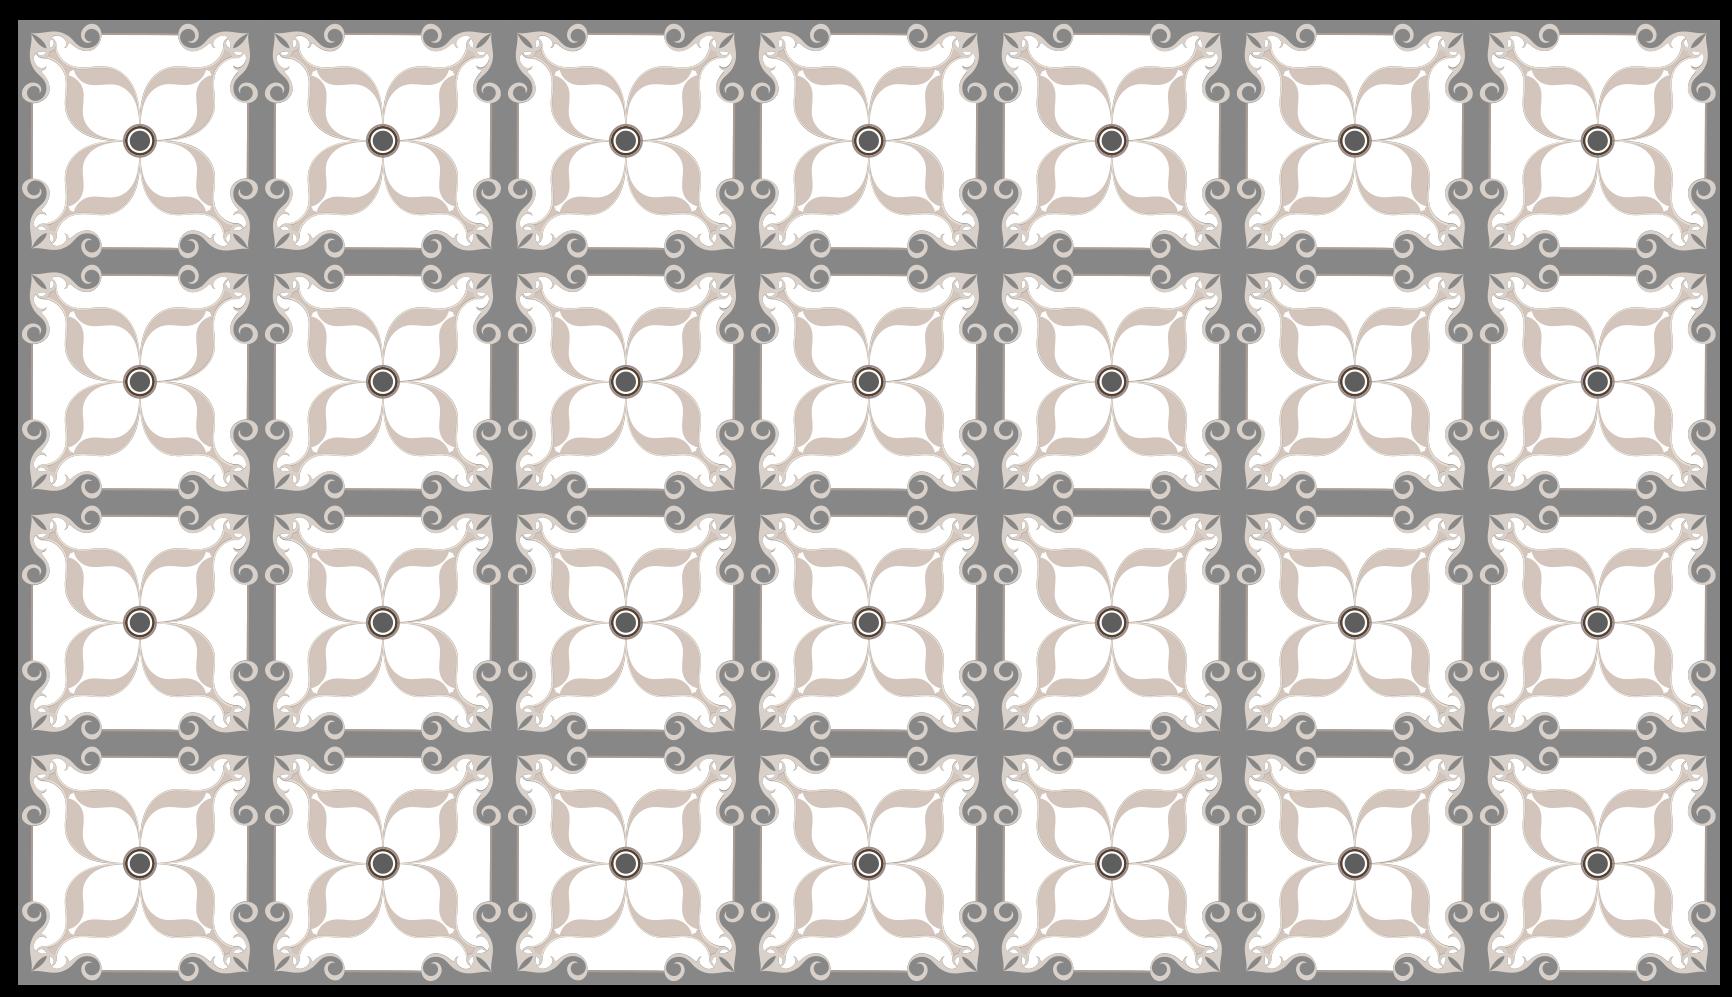 TenStickers. Dywan winylowy Białe płytki. Doskonały, nowoczesny dywan do dekoracji Twojego domu, z szaro-białymi kafelkami, który idealnie wkomponuje się w klimat twojego domu